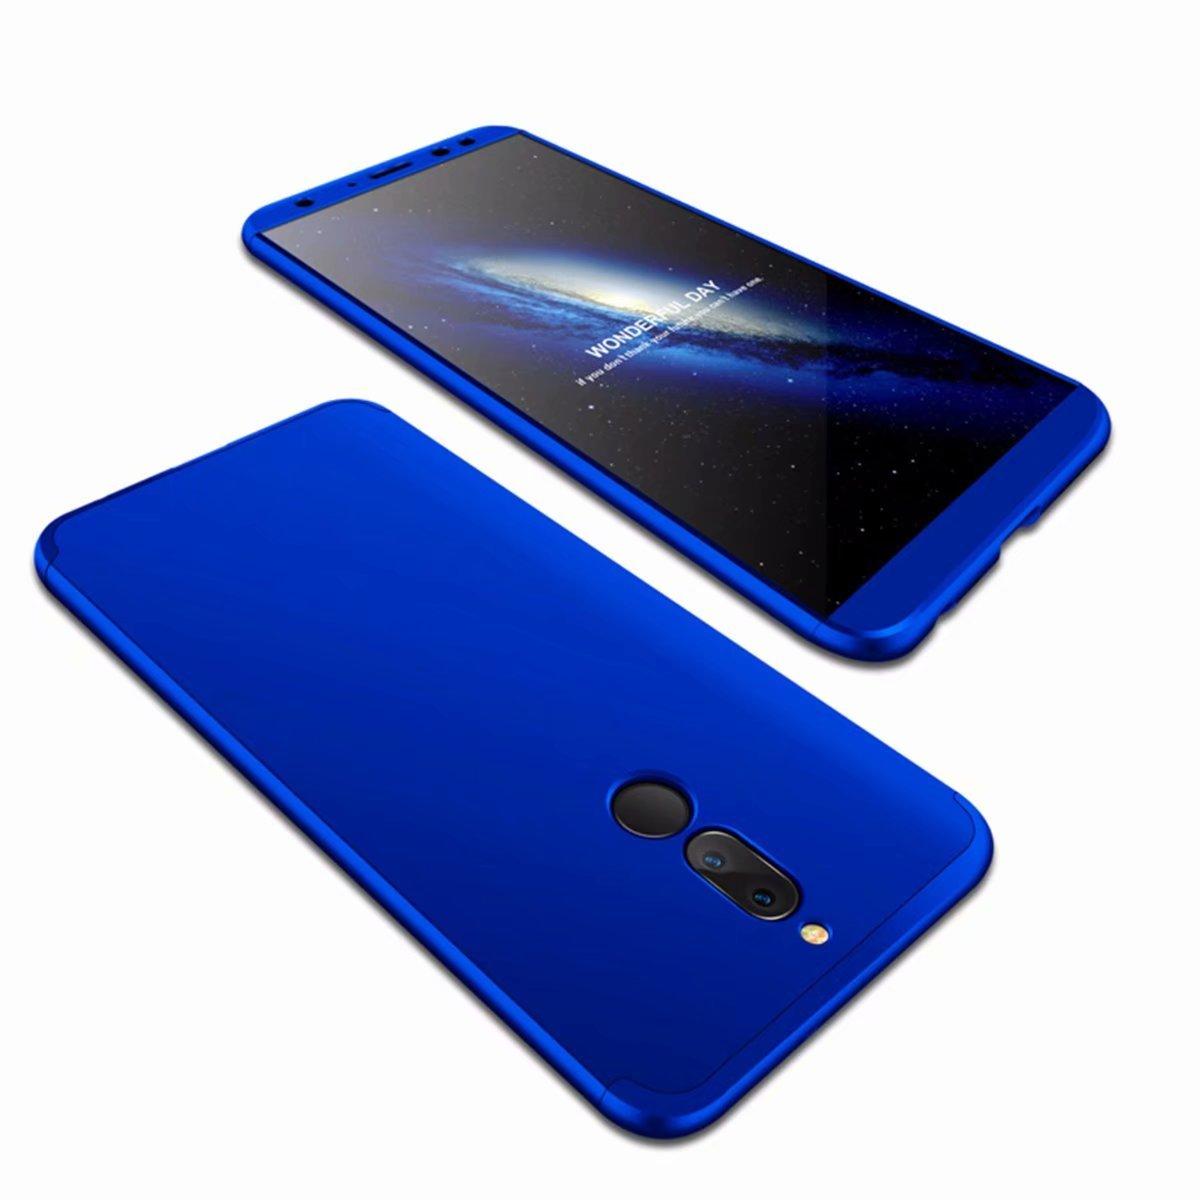 AILZH互換Huawei Mate 10 Liteケース360度保護カバーPCハードシェル耐衝撃性フルボディ保護アンチスクラッチバンパー360度マット保護(ブルー)   B077T4QMX7